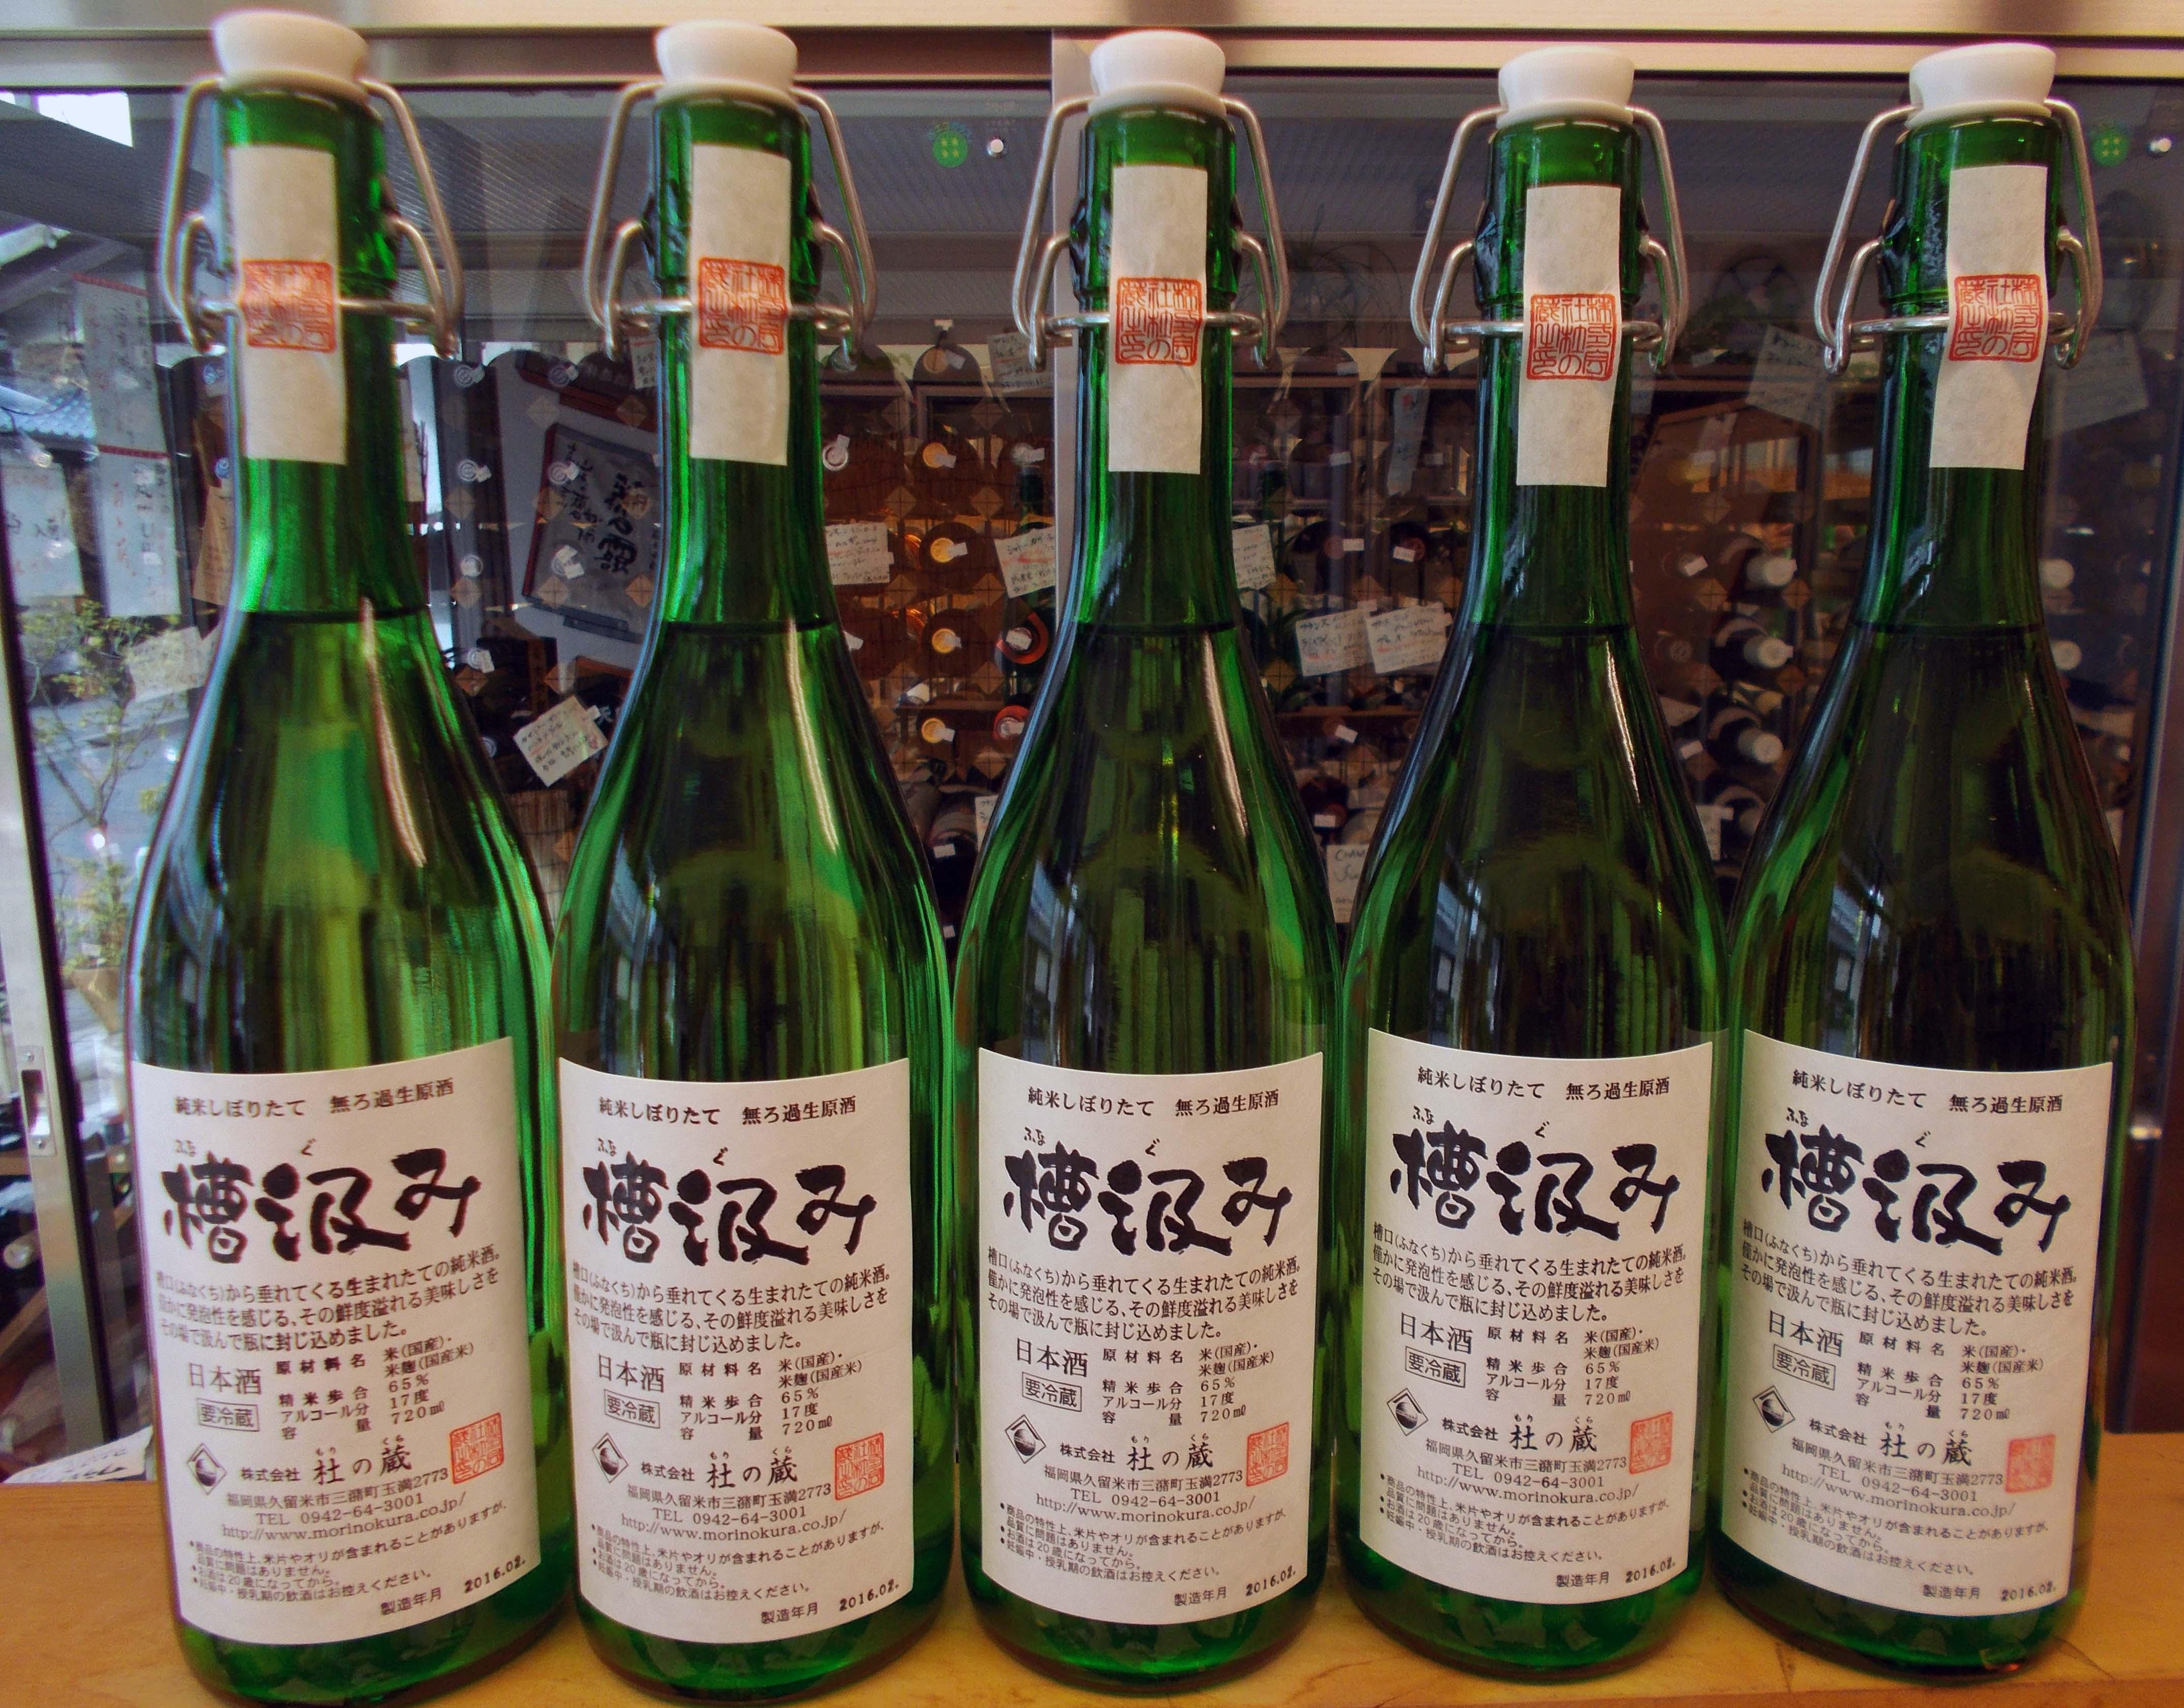 京都の日本酒特集!おすすめの居酒屋から人気のお土産もご紹介!